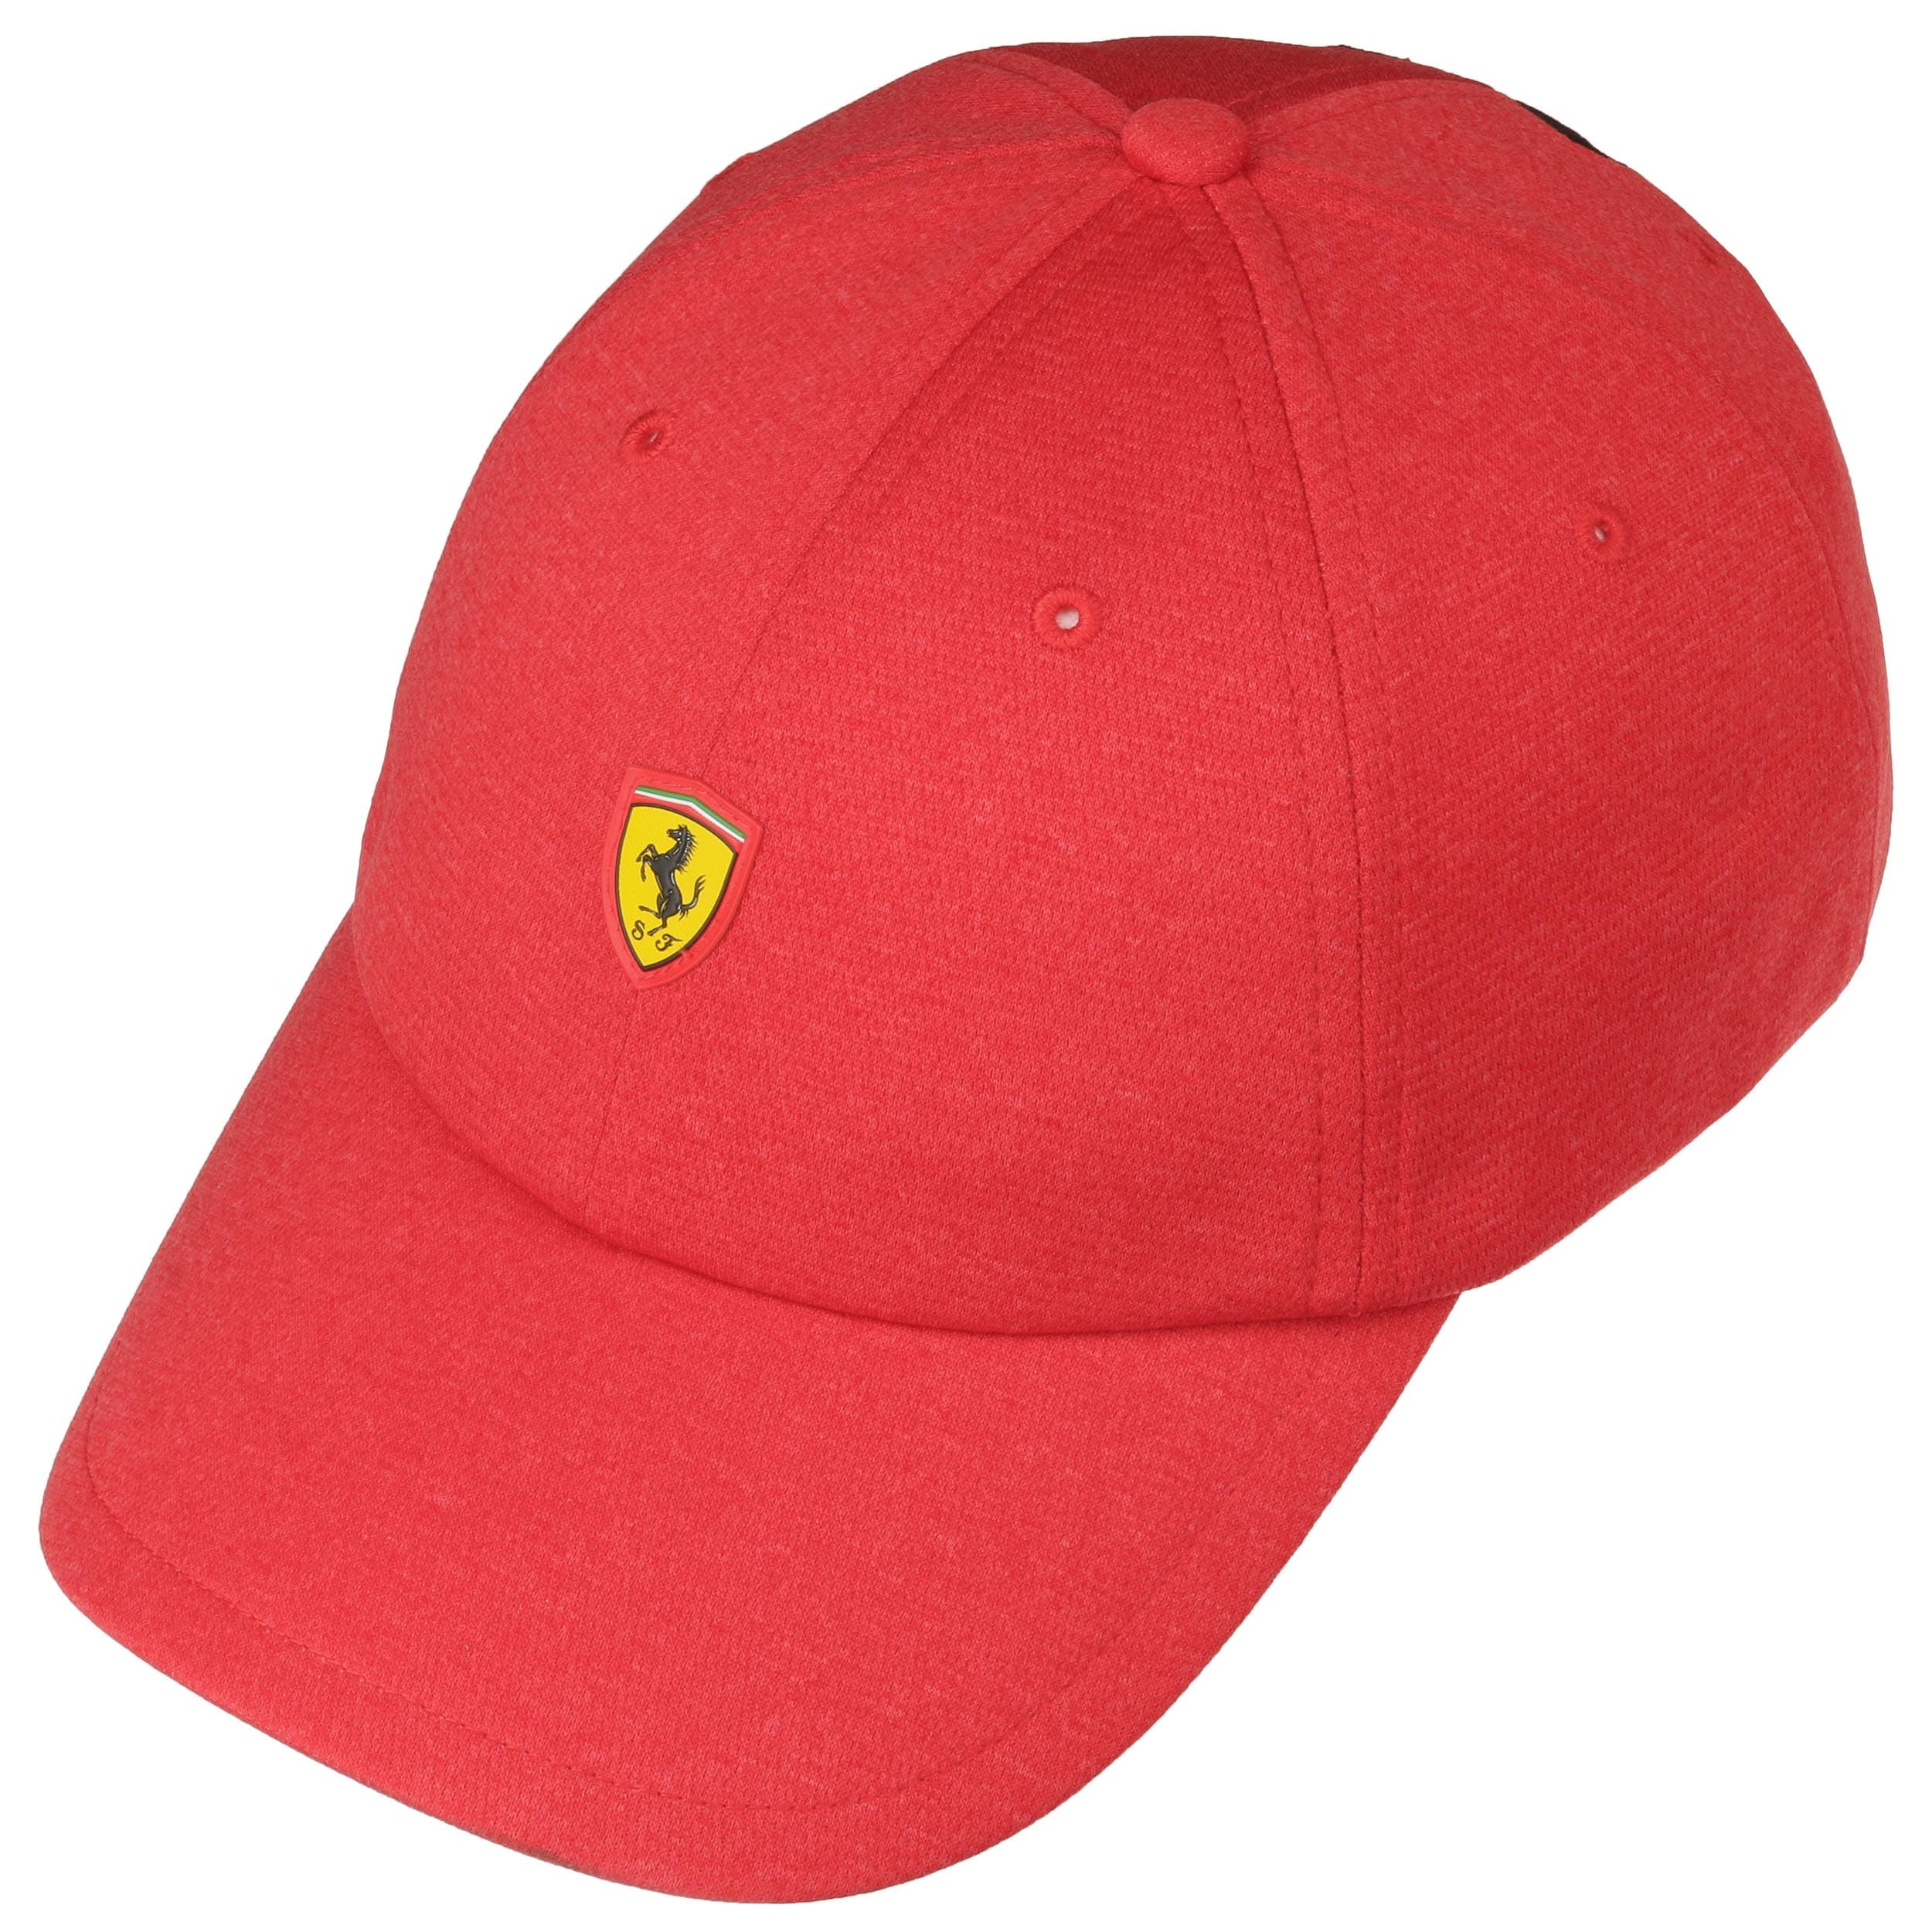 Gorra Scuderia Ferrari Fanwear by PUMA - Gorras - sombreroshop.es e236e52200e